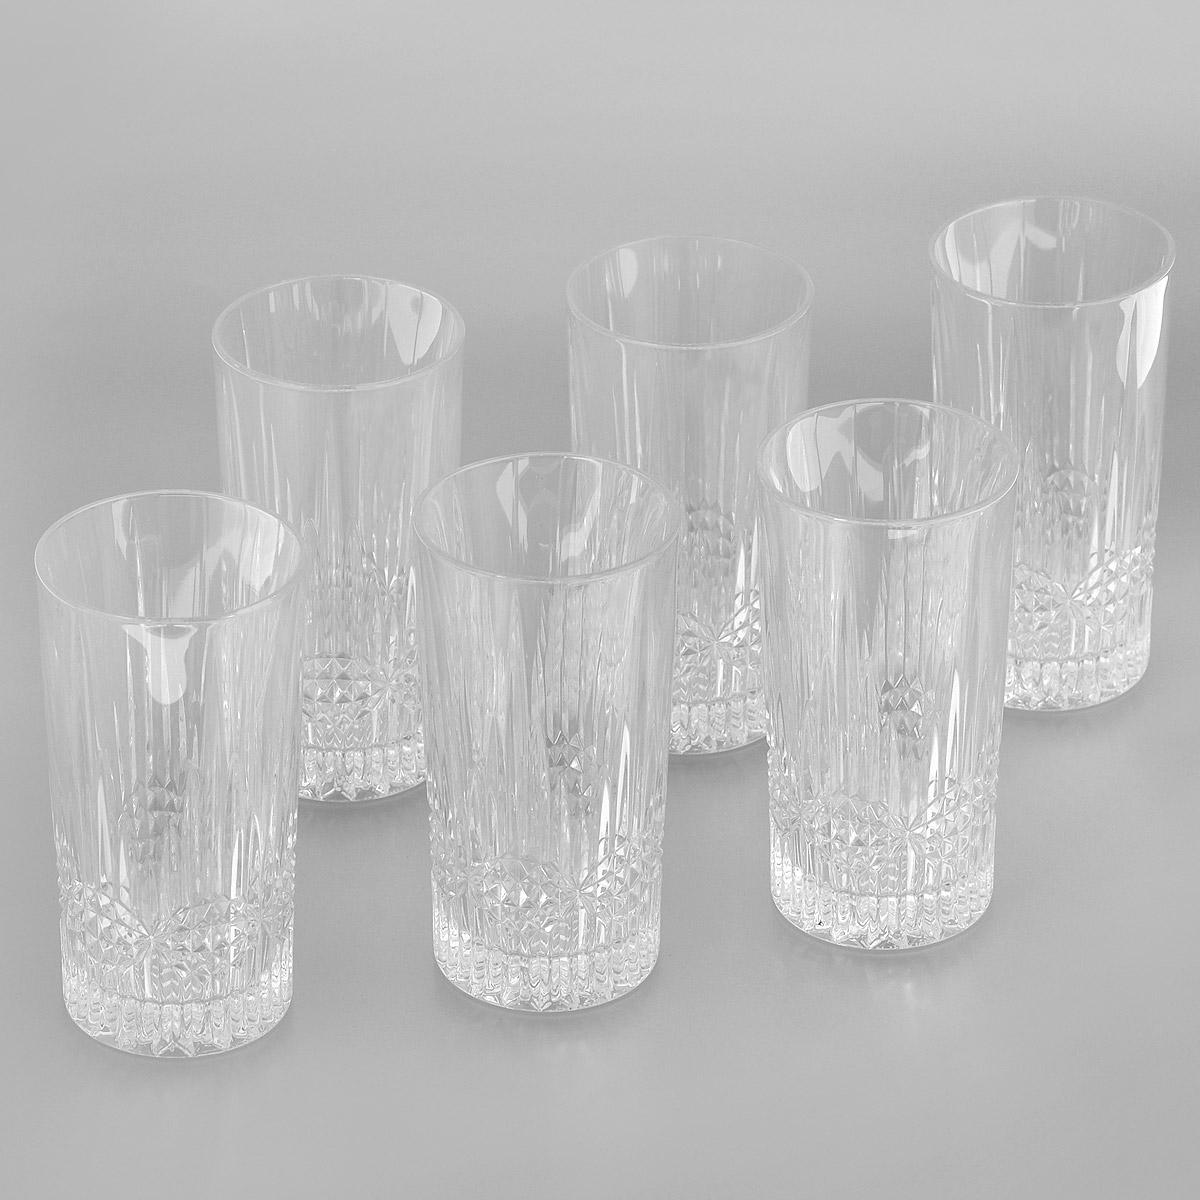 Набор стаканов для воды Crystal Bohemia Vibes, 300 мл, 6 шт990/20105/0/24355/350-609Набор для воды Crystal Bohemia Vibes состоит из шести стаканов. Изделия выполнены из прочного высококачественного хрусталя и декорированы рельефом. Они излучают приятный блеск и издают мелодичный звон. Набор предназначен для подачи воды. Набор для воды Crystal Bohemia Vibes прекрасно оформит интерьер кабинета или гостиной и станет отличным дополнением бара. Такой набор также станет хорошим подарком к любому случаю. Диаметр по верхнему краю: 7 см. Высота стакана: 14 см. Диаметр основания: 6,3 см.